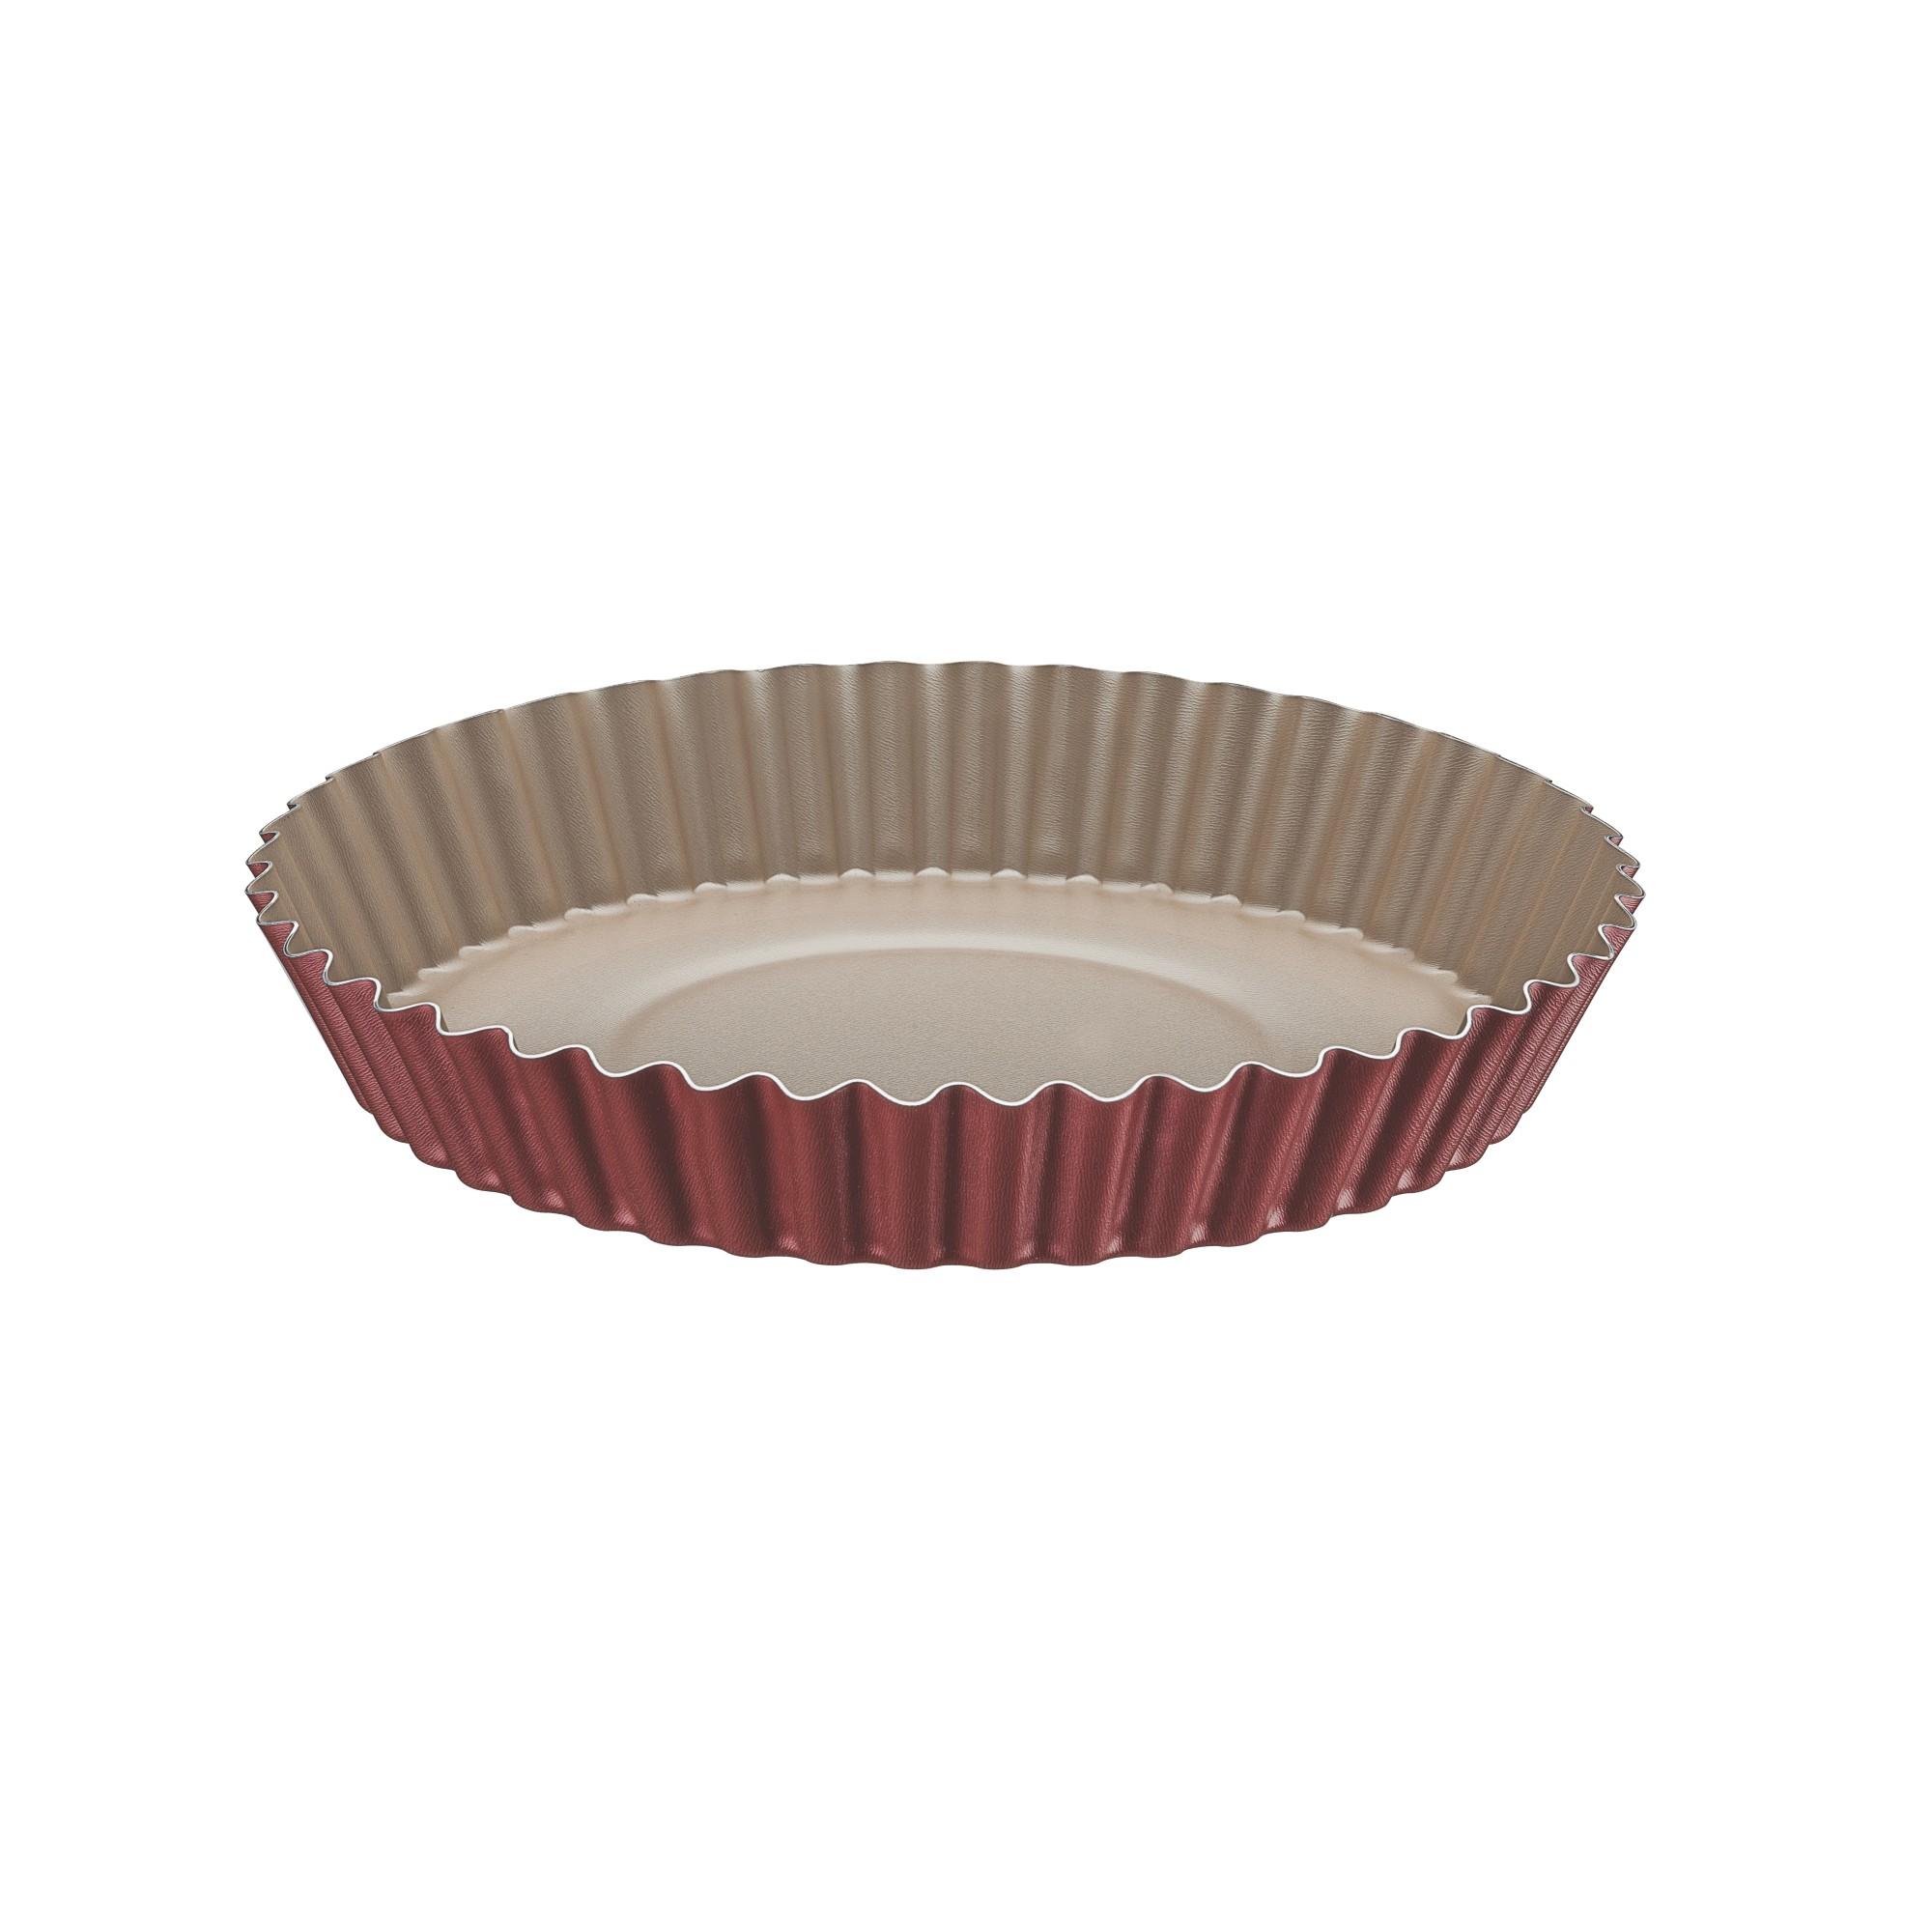 Forma de Aluminio Antiaderente para Bolo Redonda 22cm - Tramontina